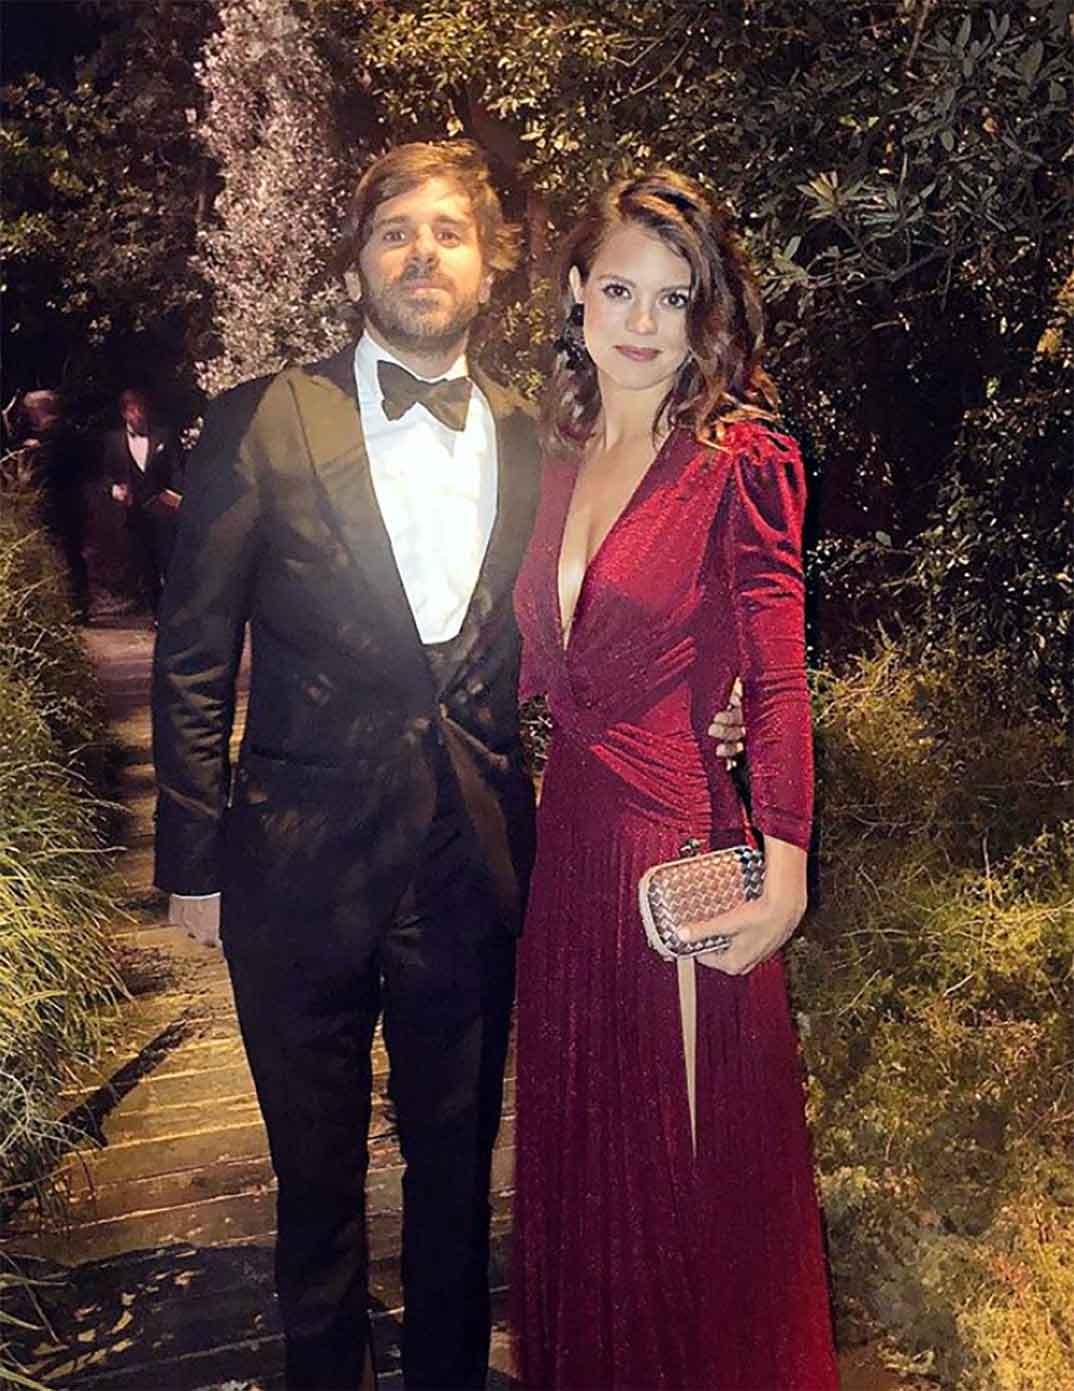 Álvaro Falcó e Isabelle Junot en la boda de Marta Ortega y Carlos Torreta © Redes Sociales